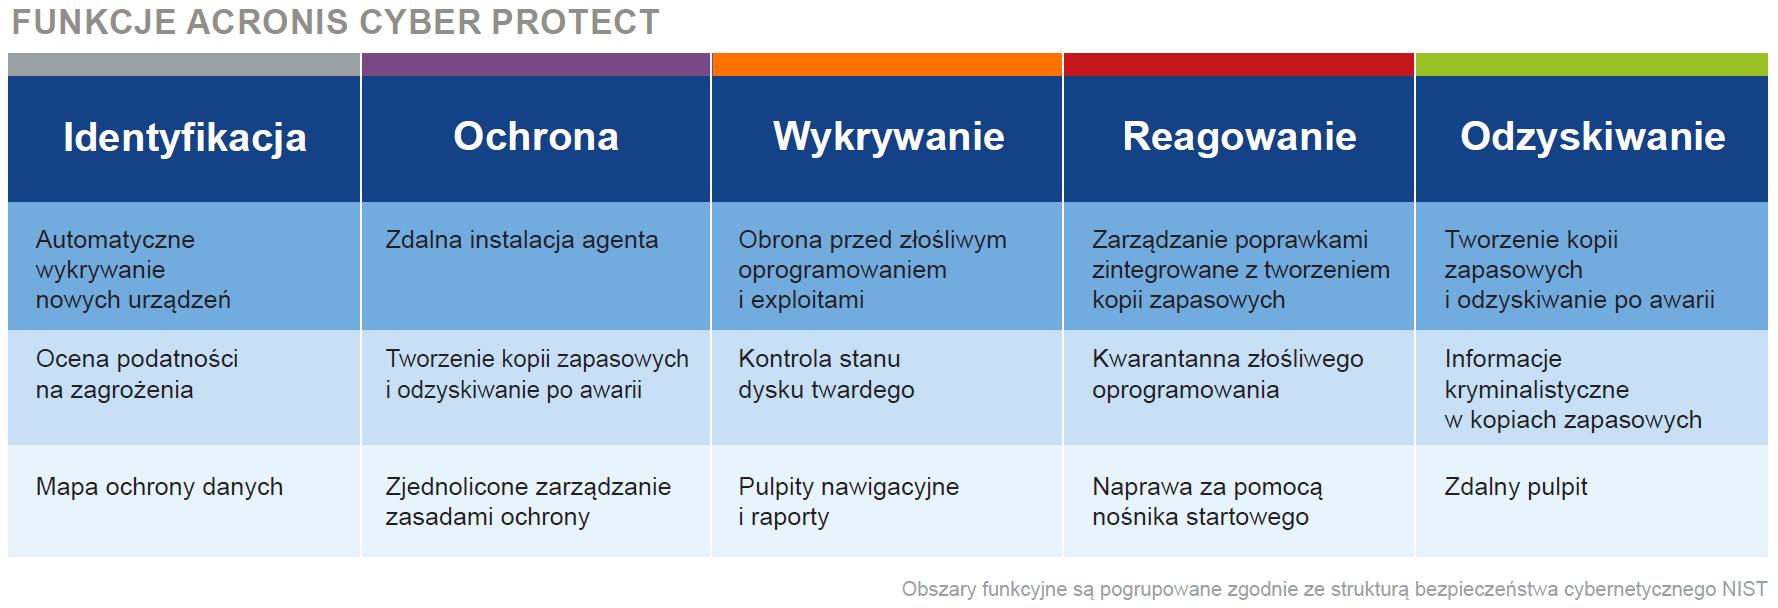 Funkcje Acronis Cyber Protect według NIST